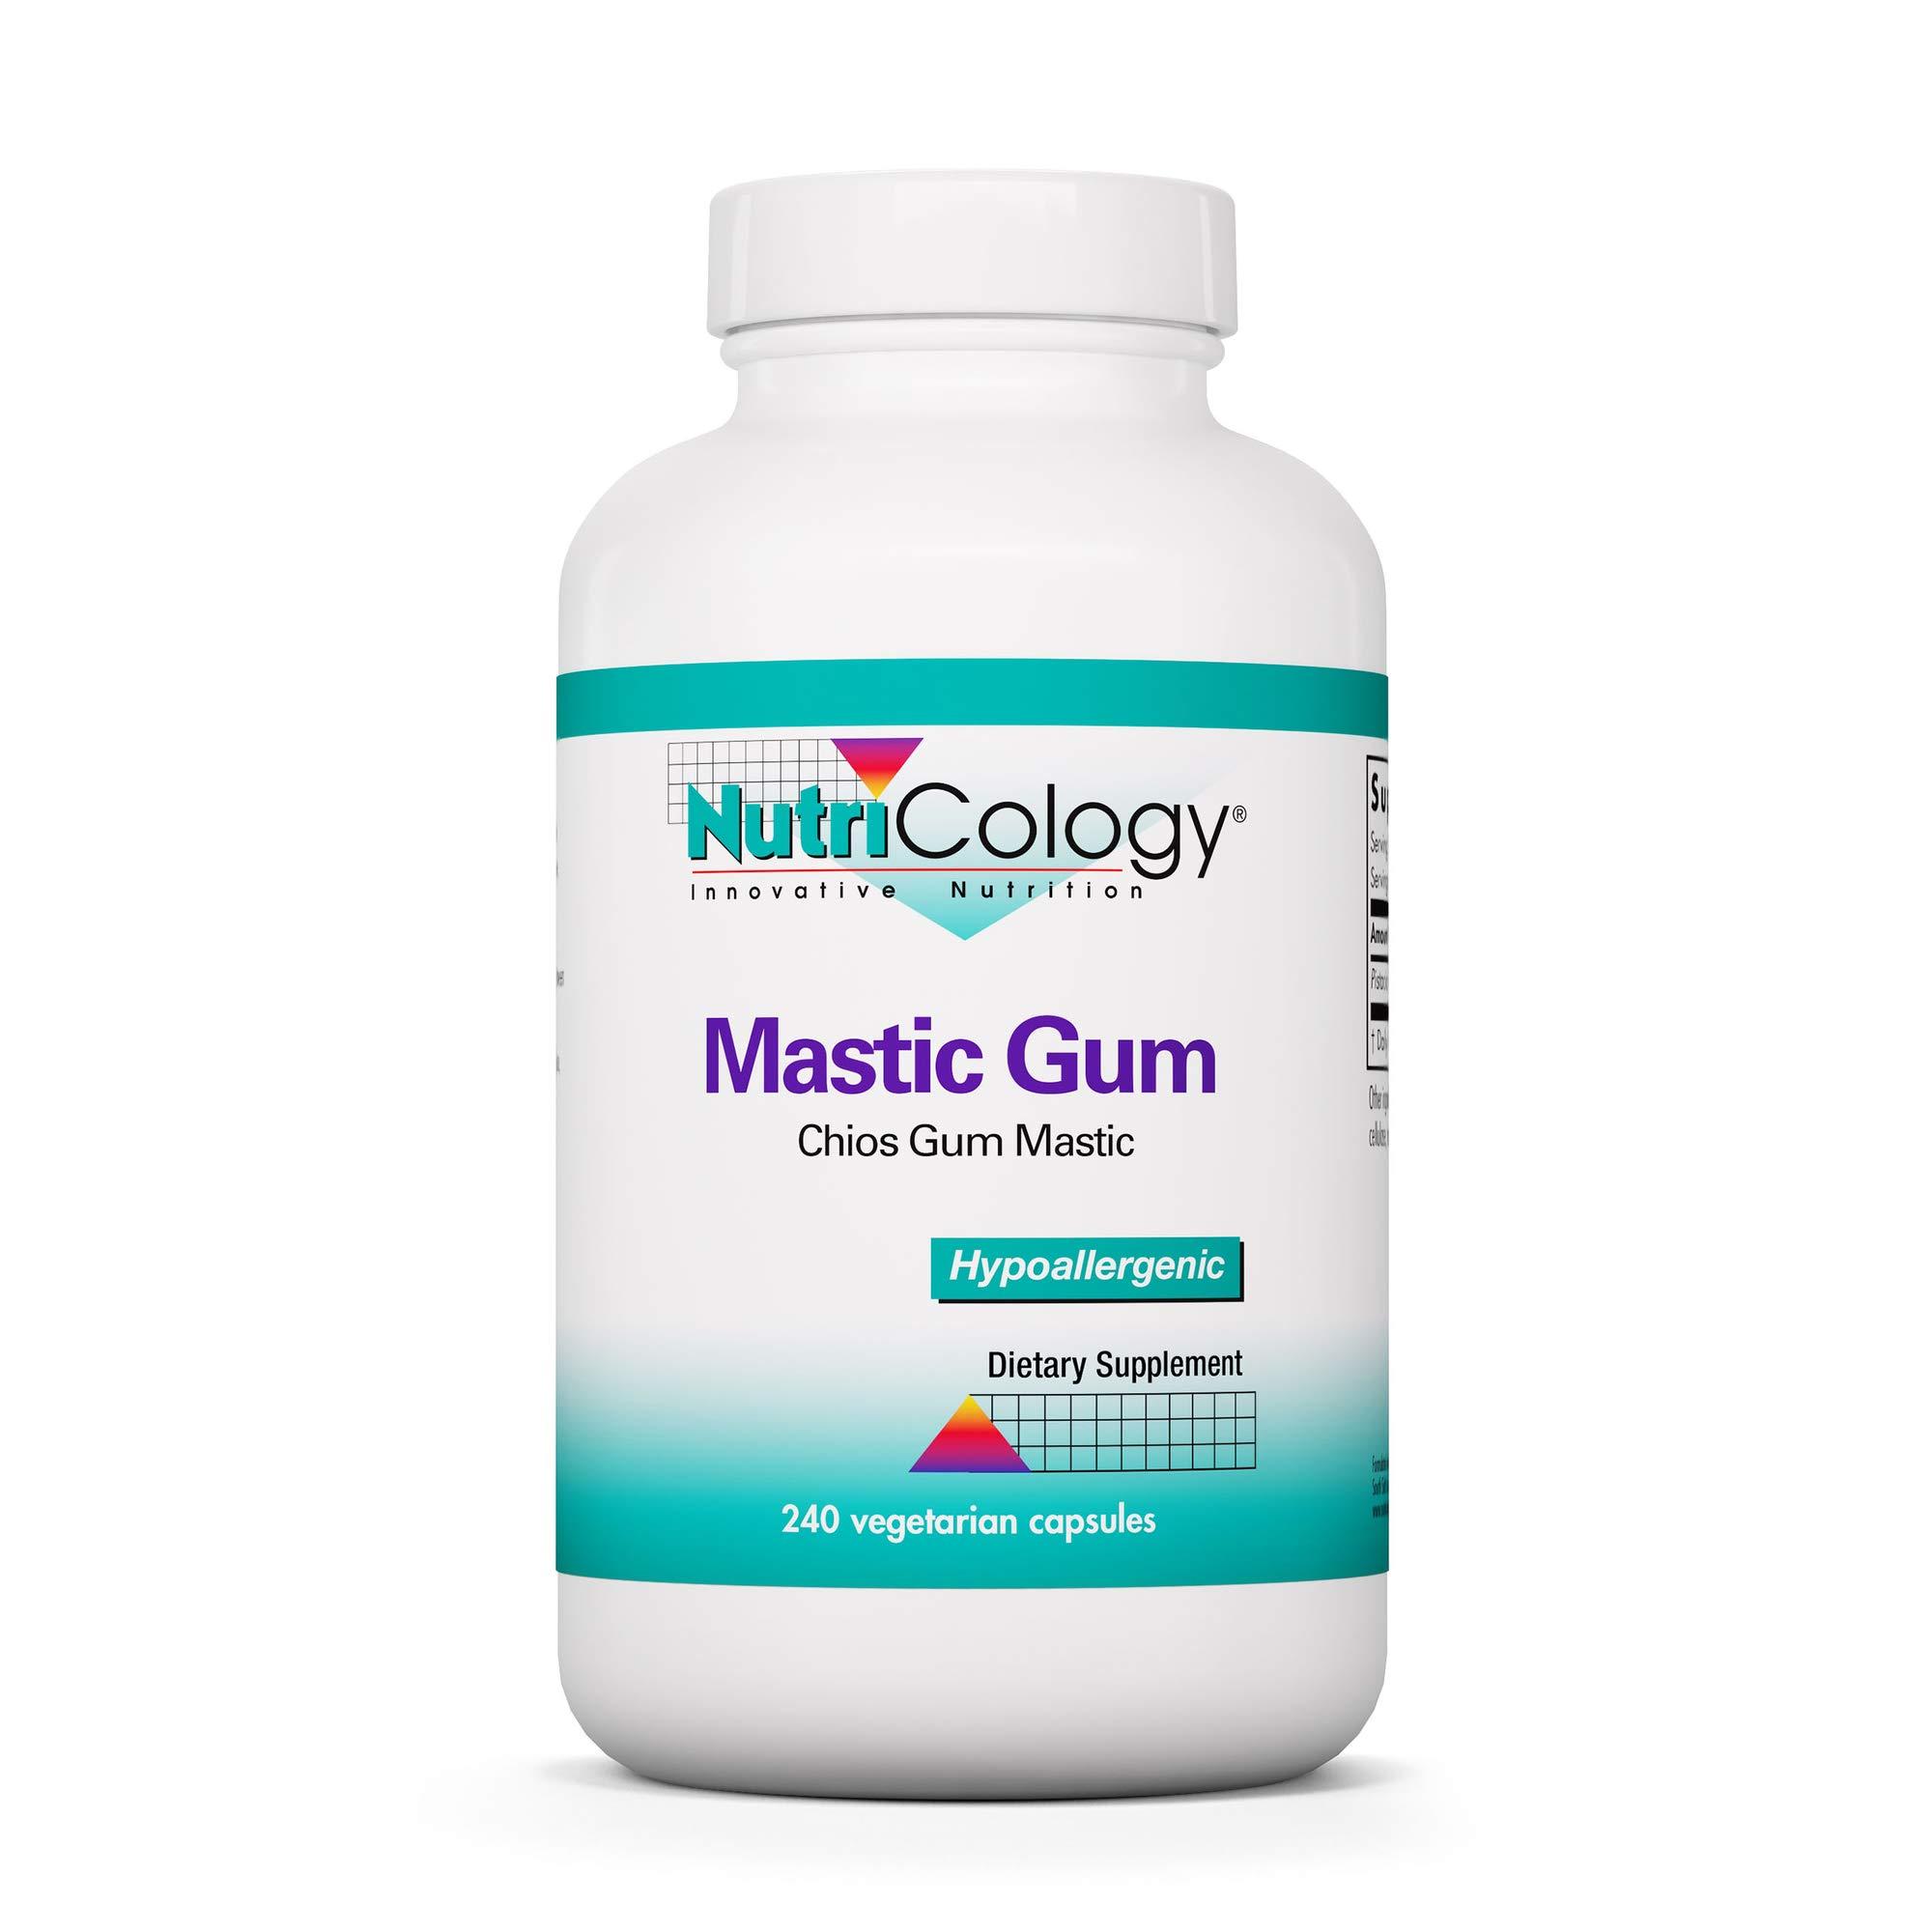 NutriCology Mastic Gum - Authentic Chios Mastiha - GI Health, Metabolism - 240 Vegetarian Capsules